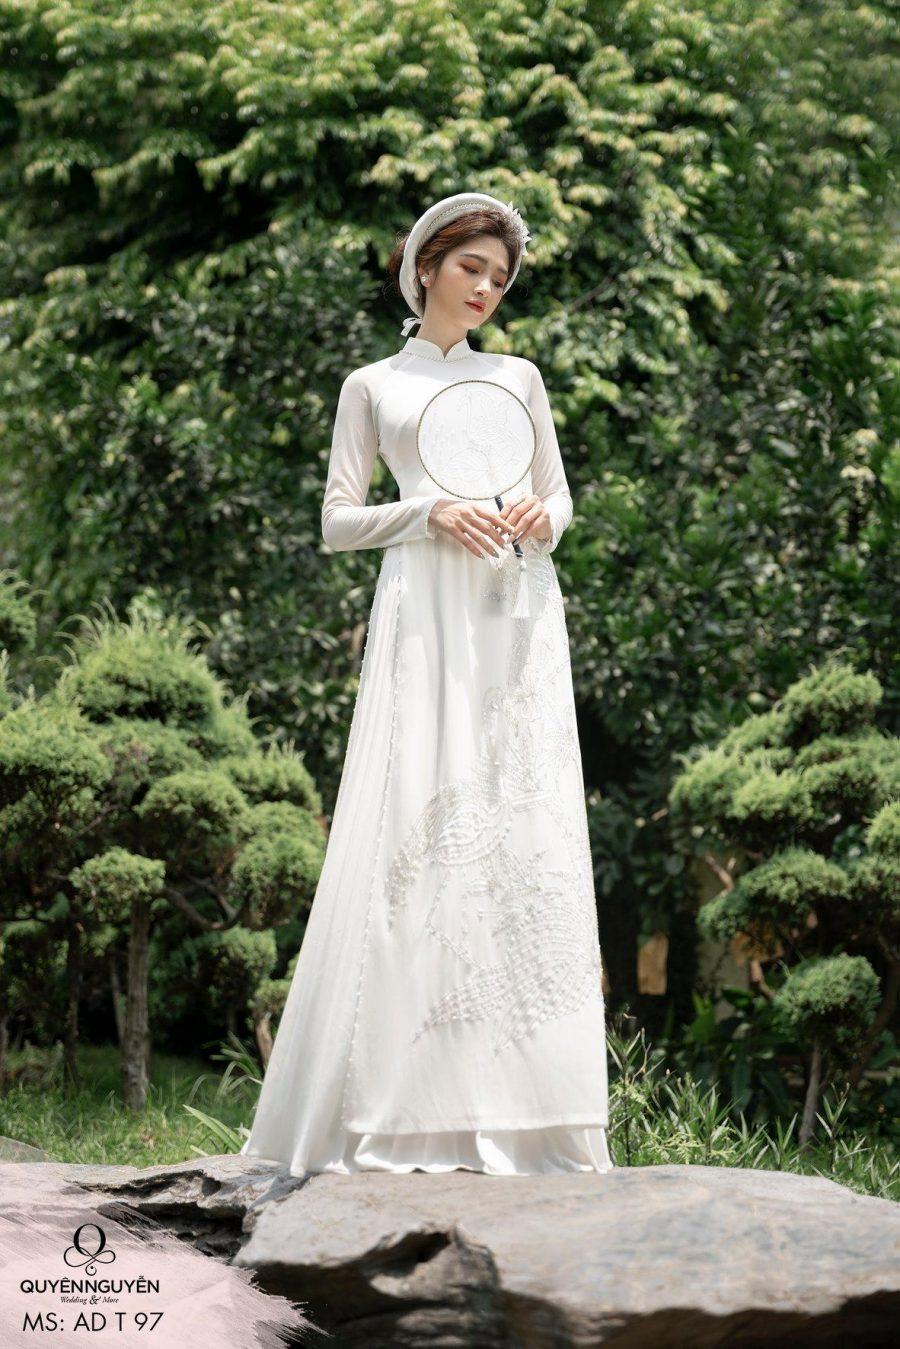 Cửa hàng may áo cưới Hồ Chí Minh uy tín, chất lượng